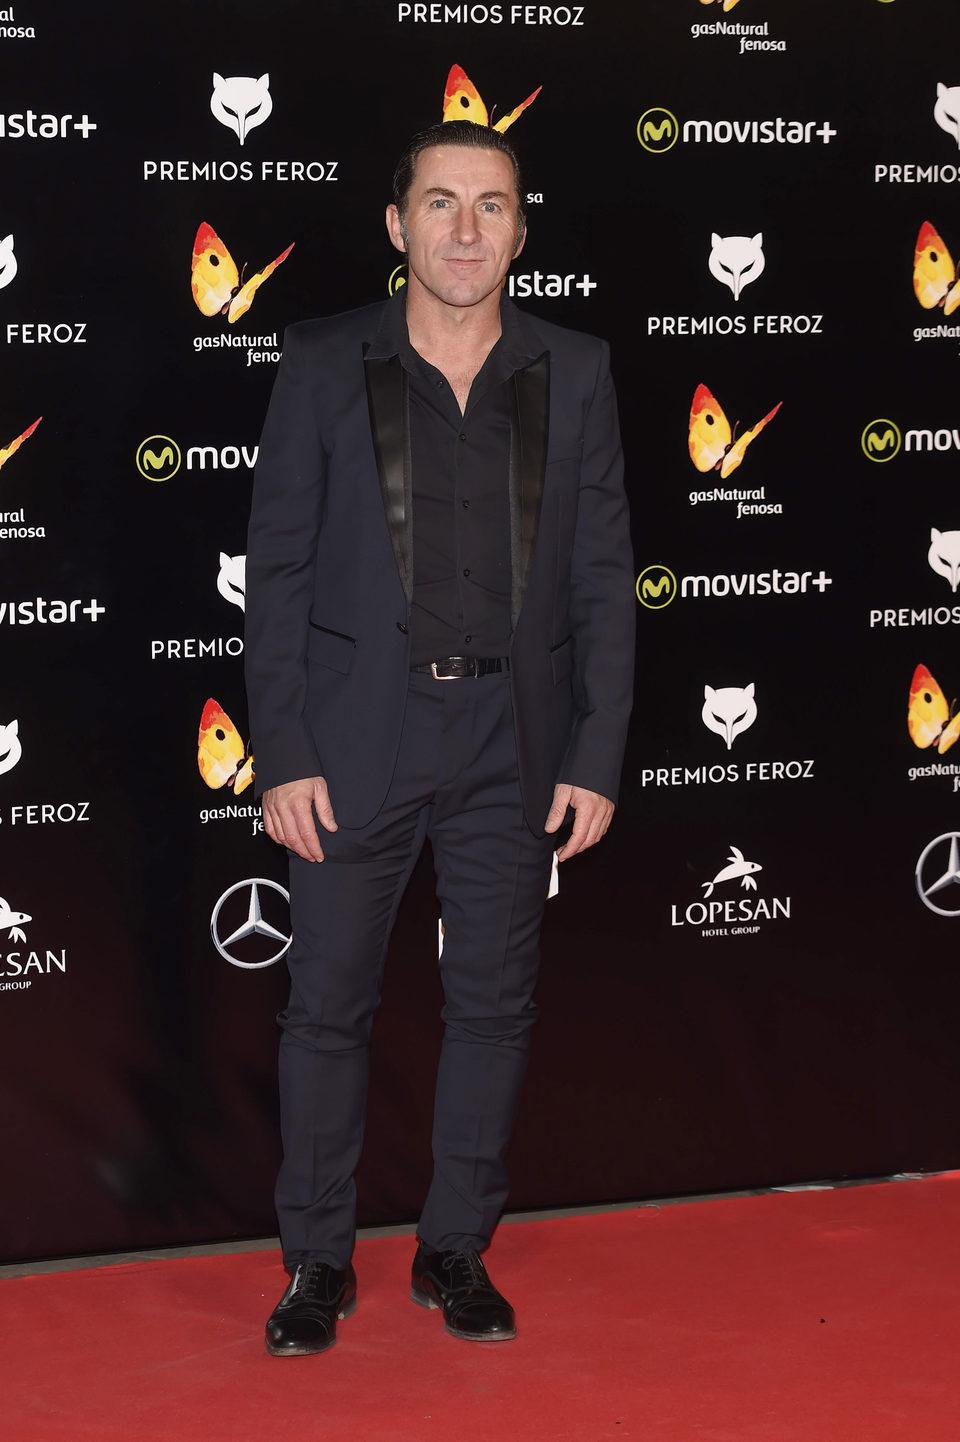 Antonio de la Torre en la alfombra roja de los premios Feroz 2016